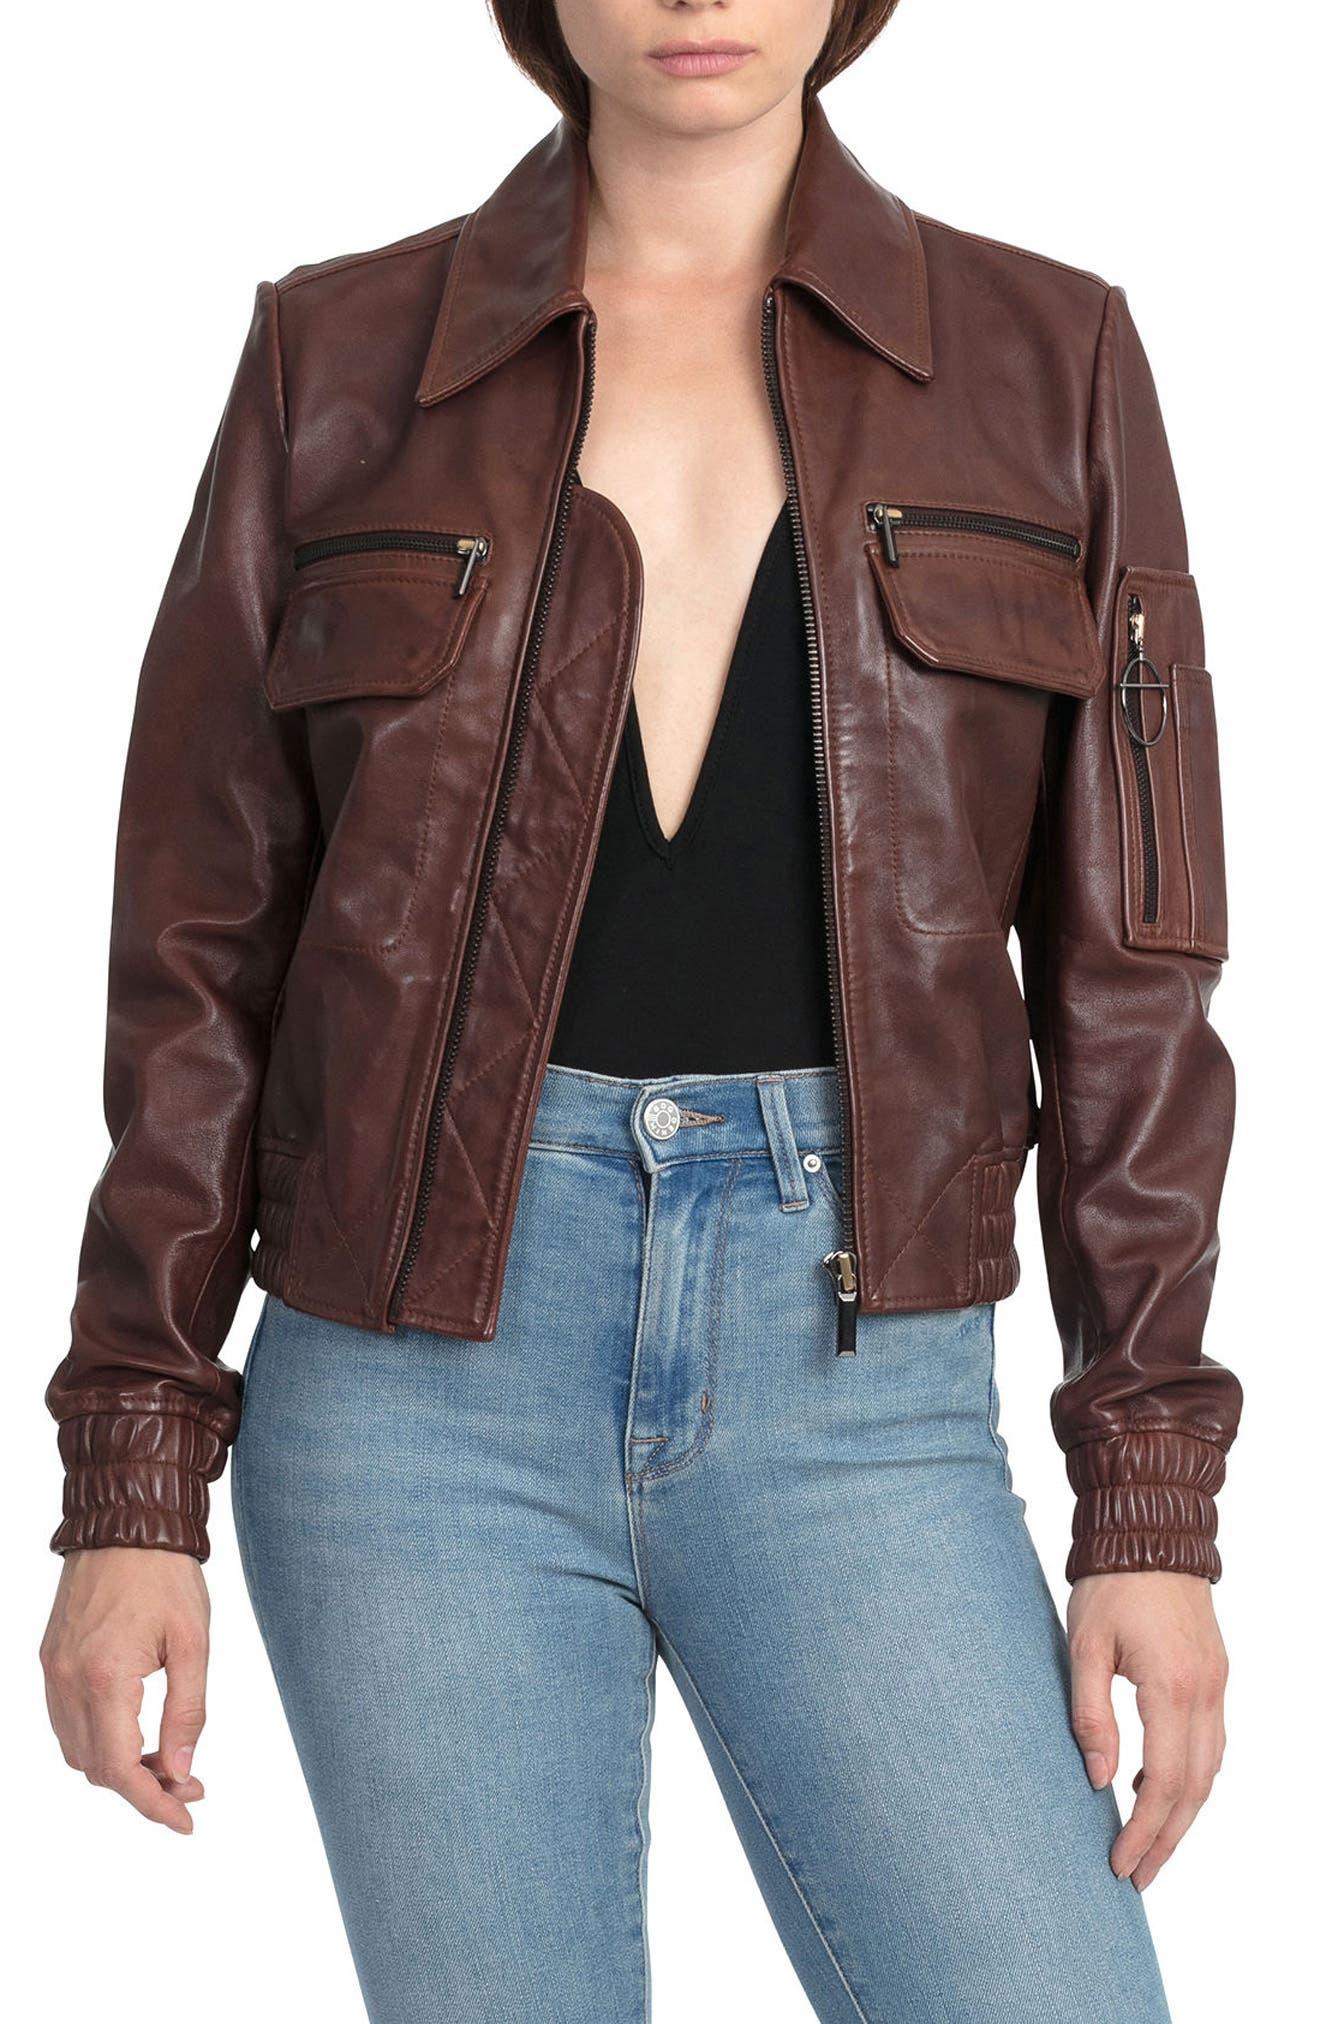 Main Image - BAGATELLE.CITY The Aviator Leather Jacket